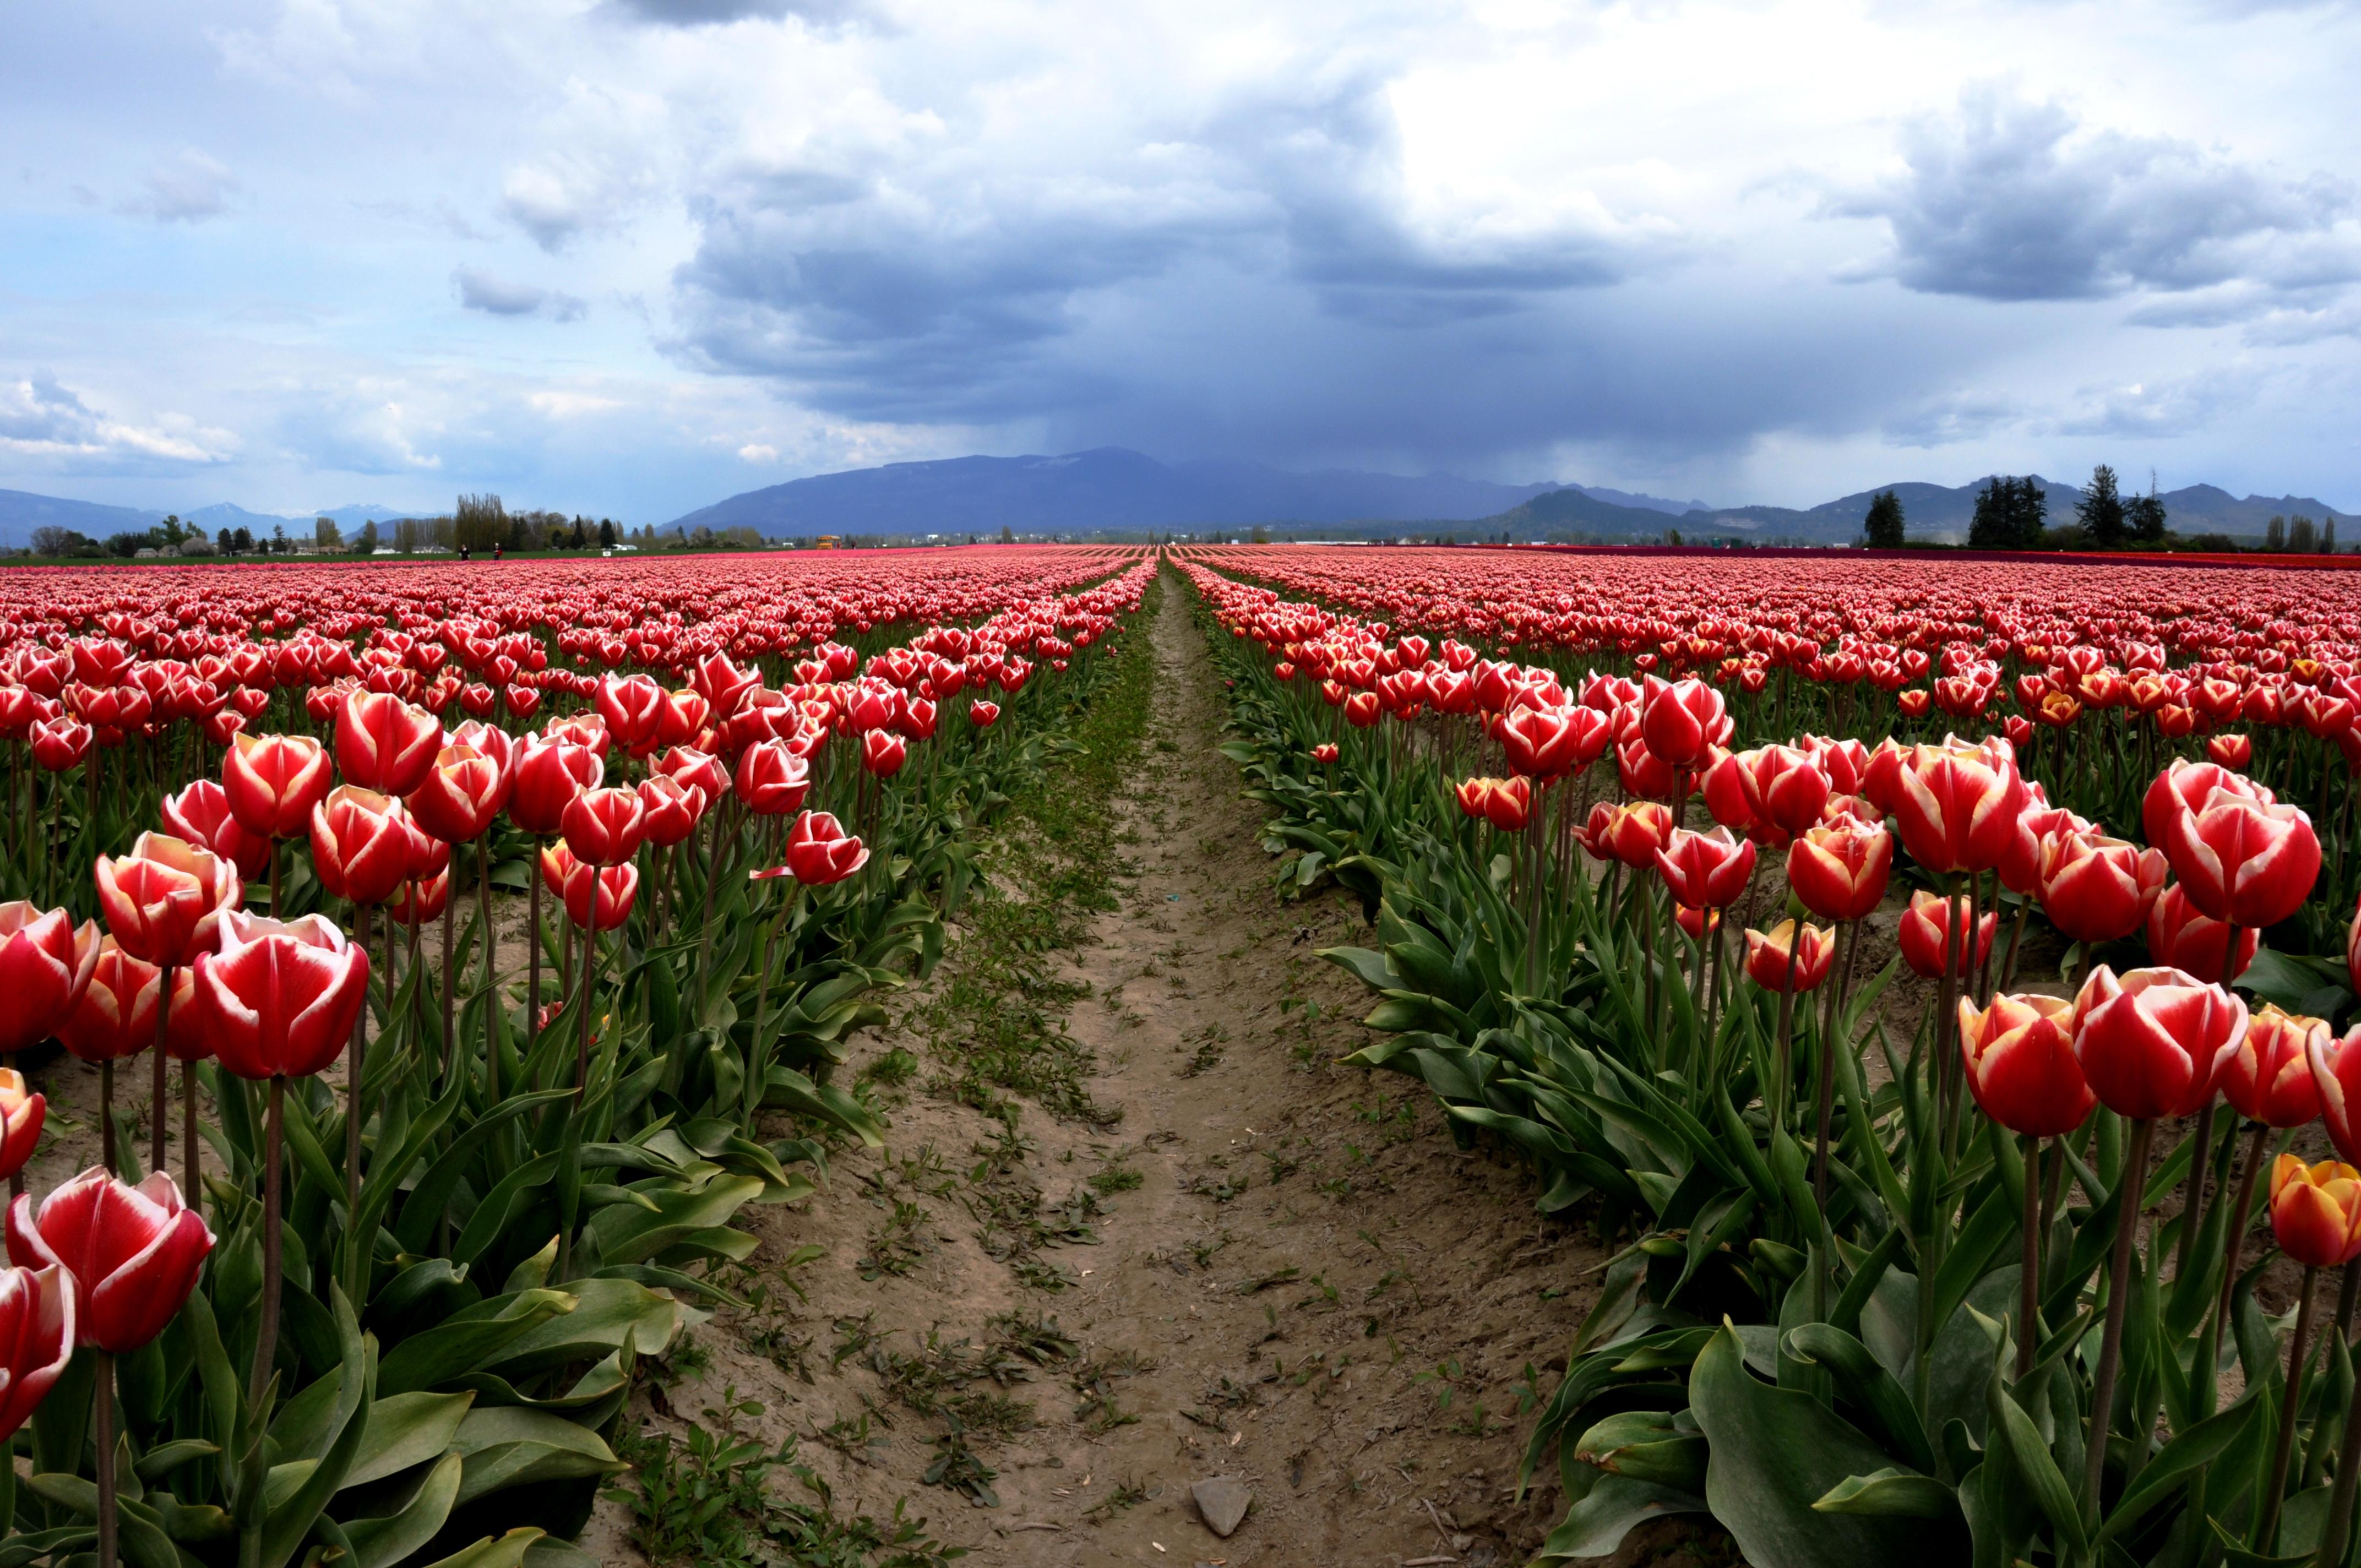 Tulip field, Skagit Valley